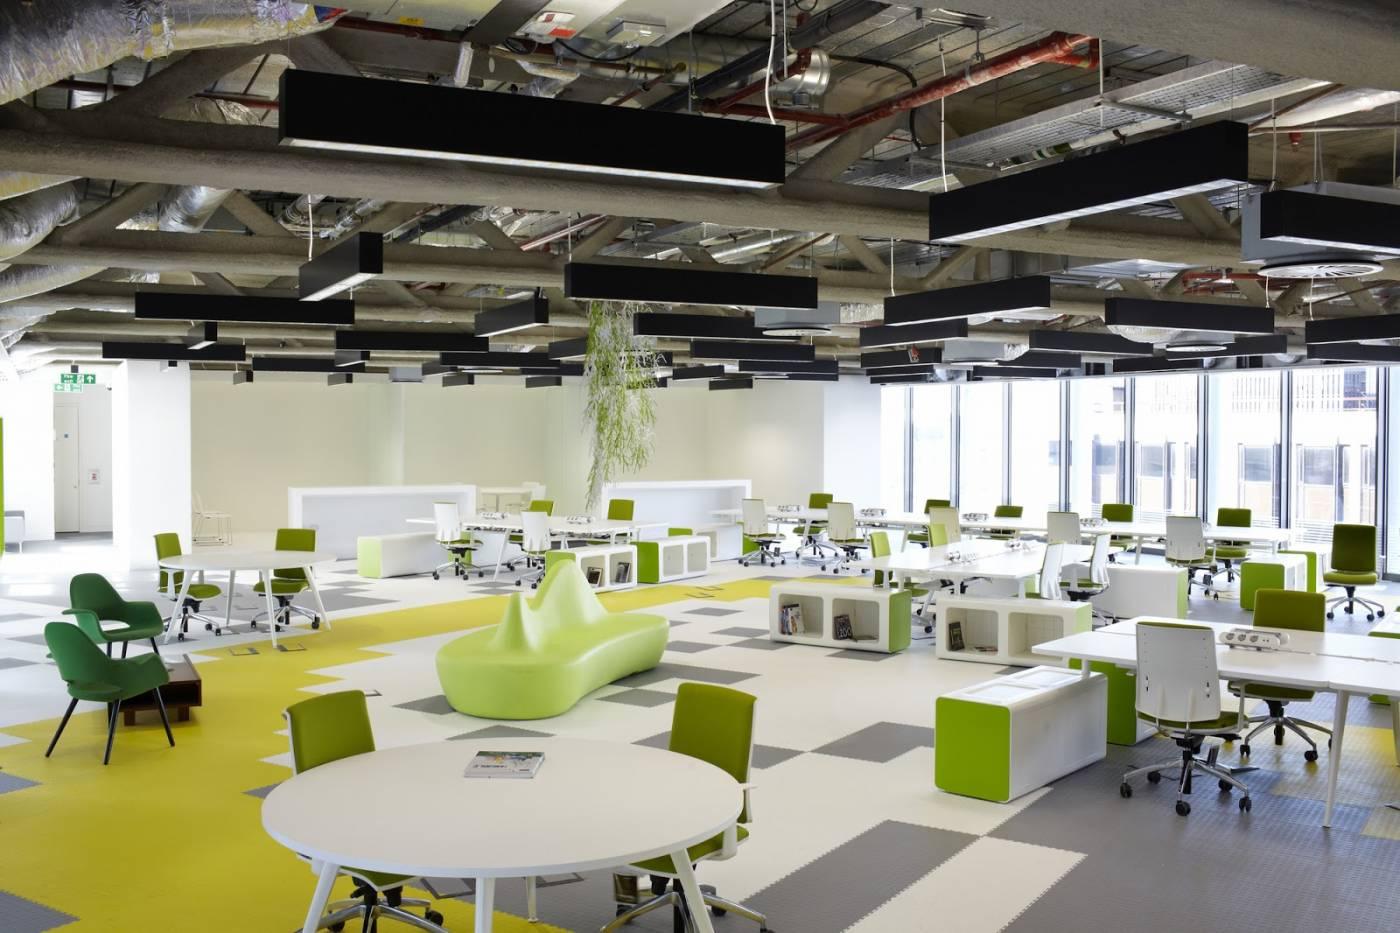 khu vực mở rộng trong văn phòng